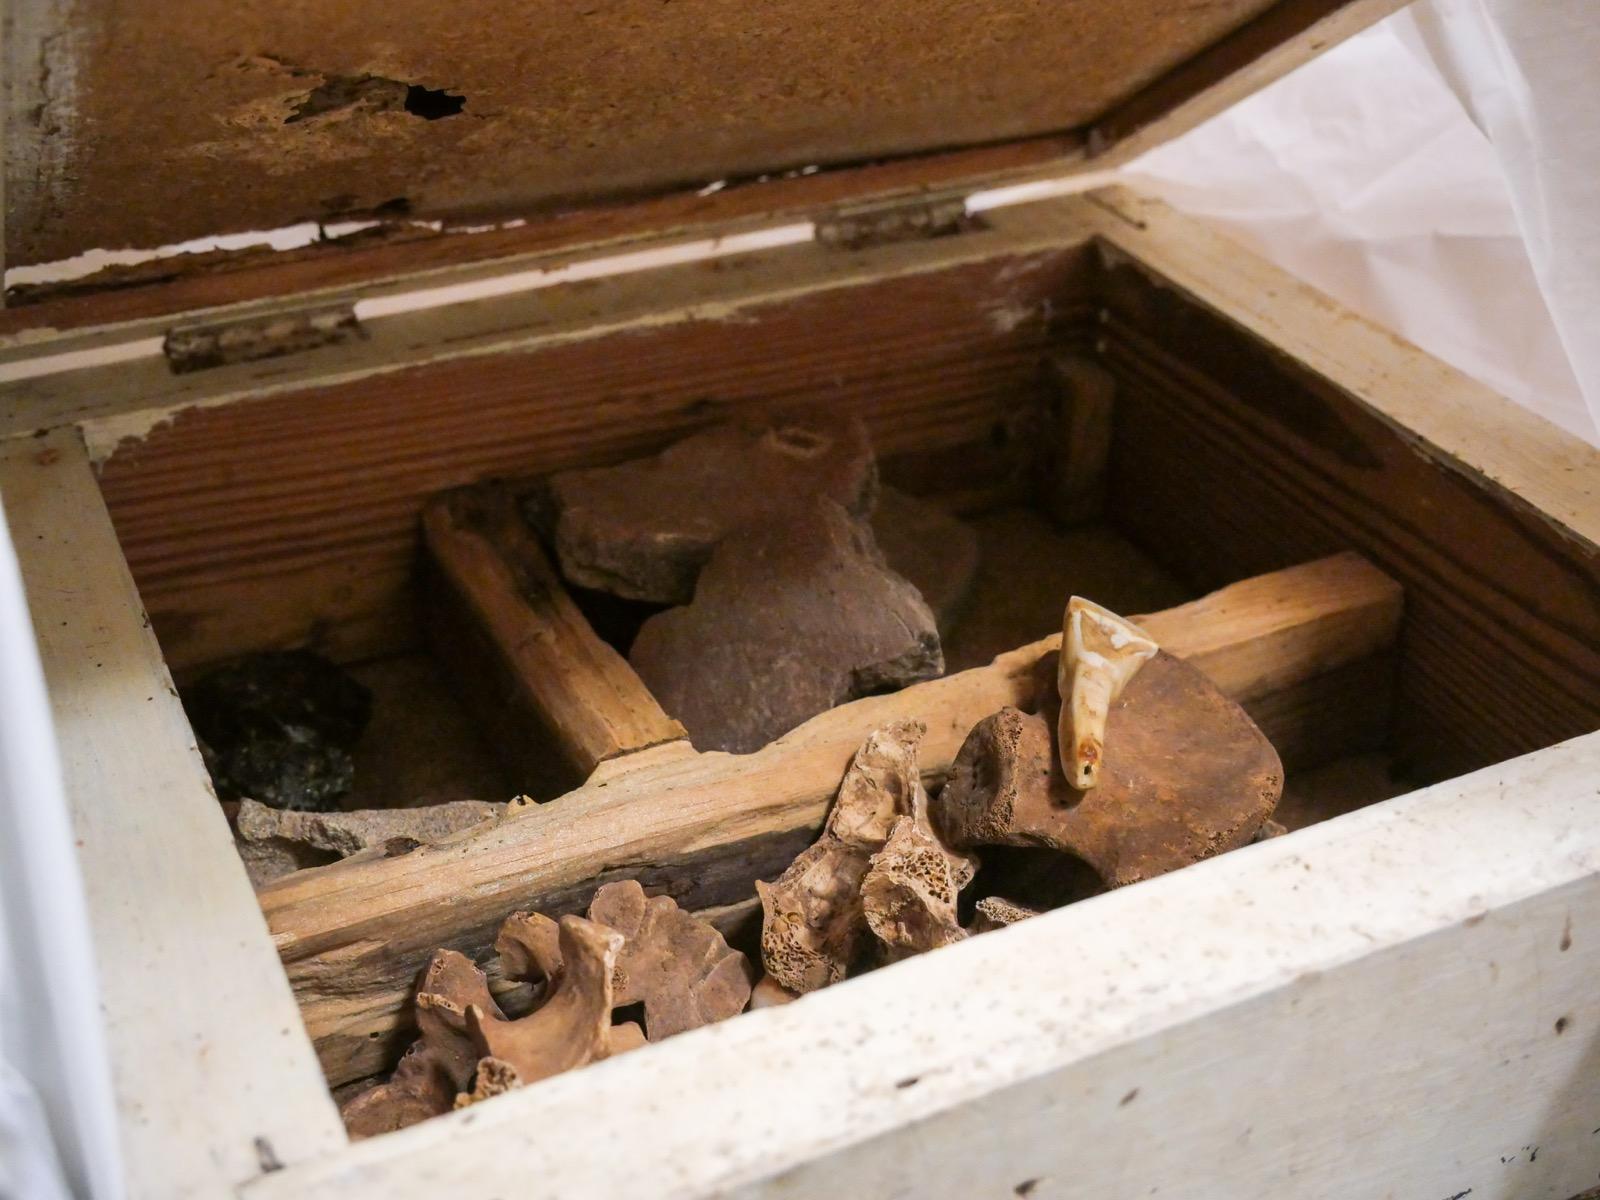 Patrimonio Cultural entrega 17 cajas de material arqueológico guanche al MUNA